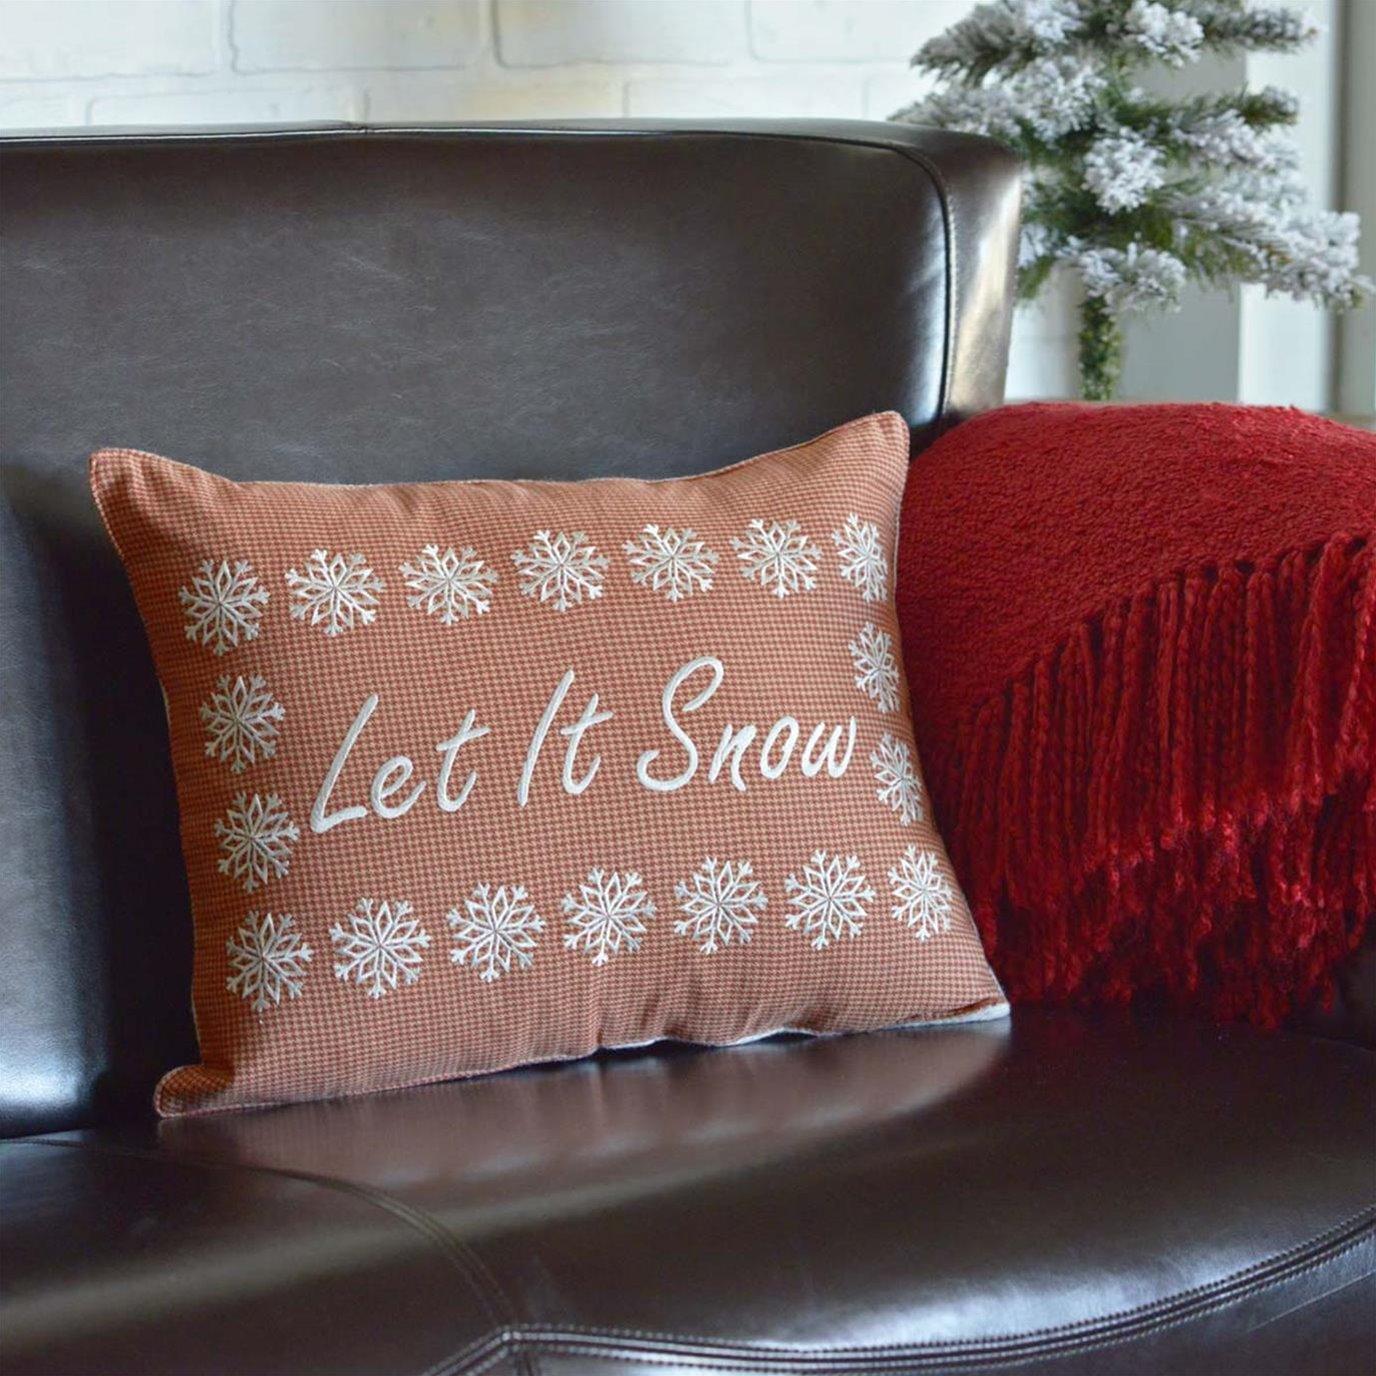 Let It Snow Pillow 14x18